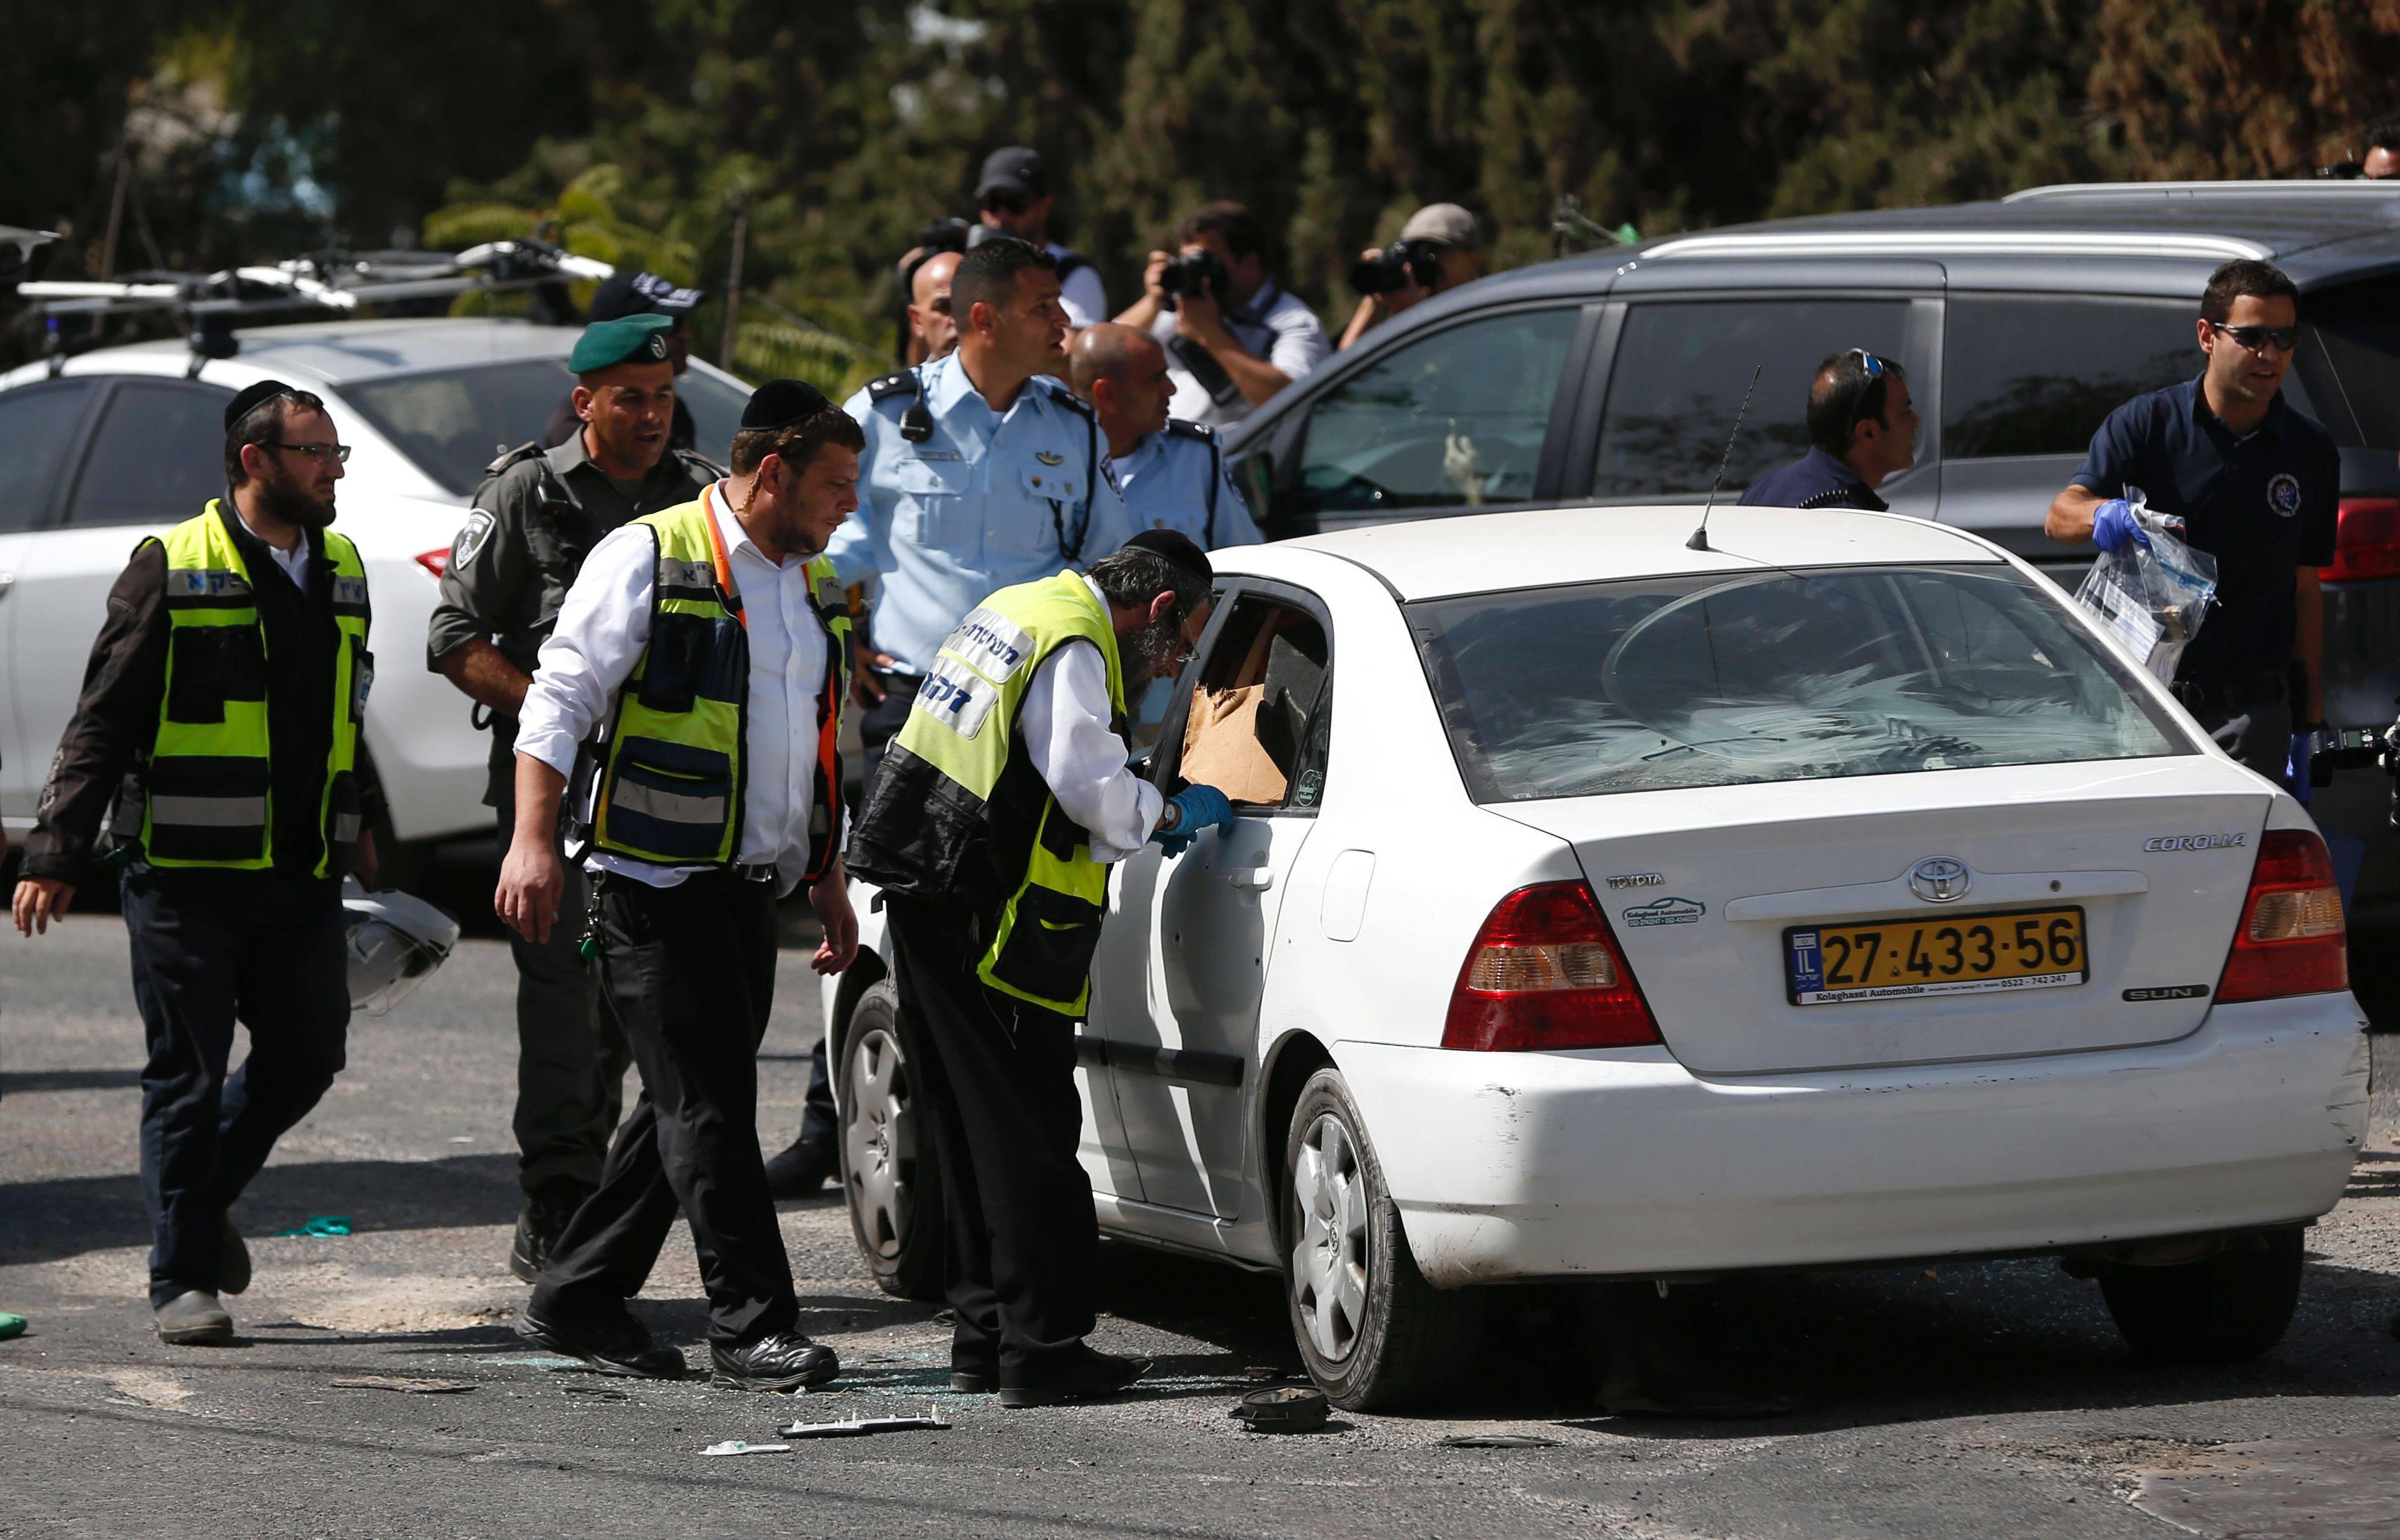 Attentato a Gerusalemme: due morti dimensione font +